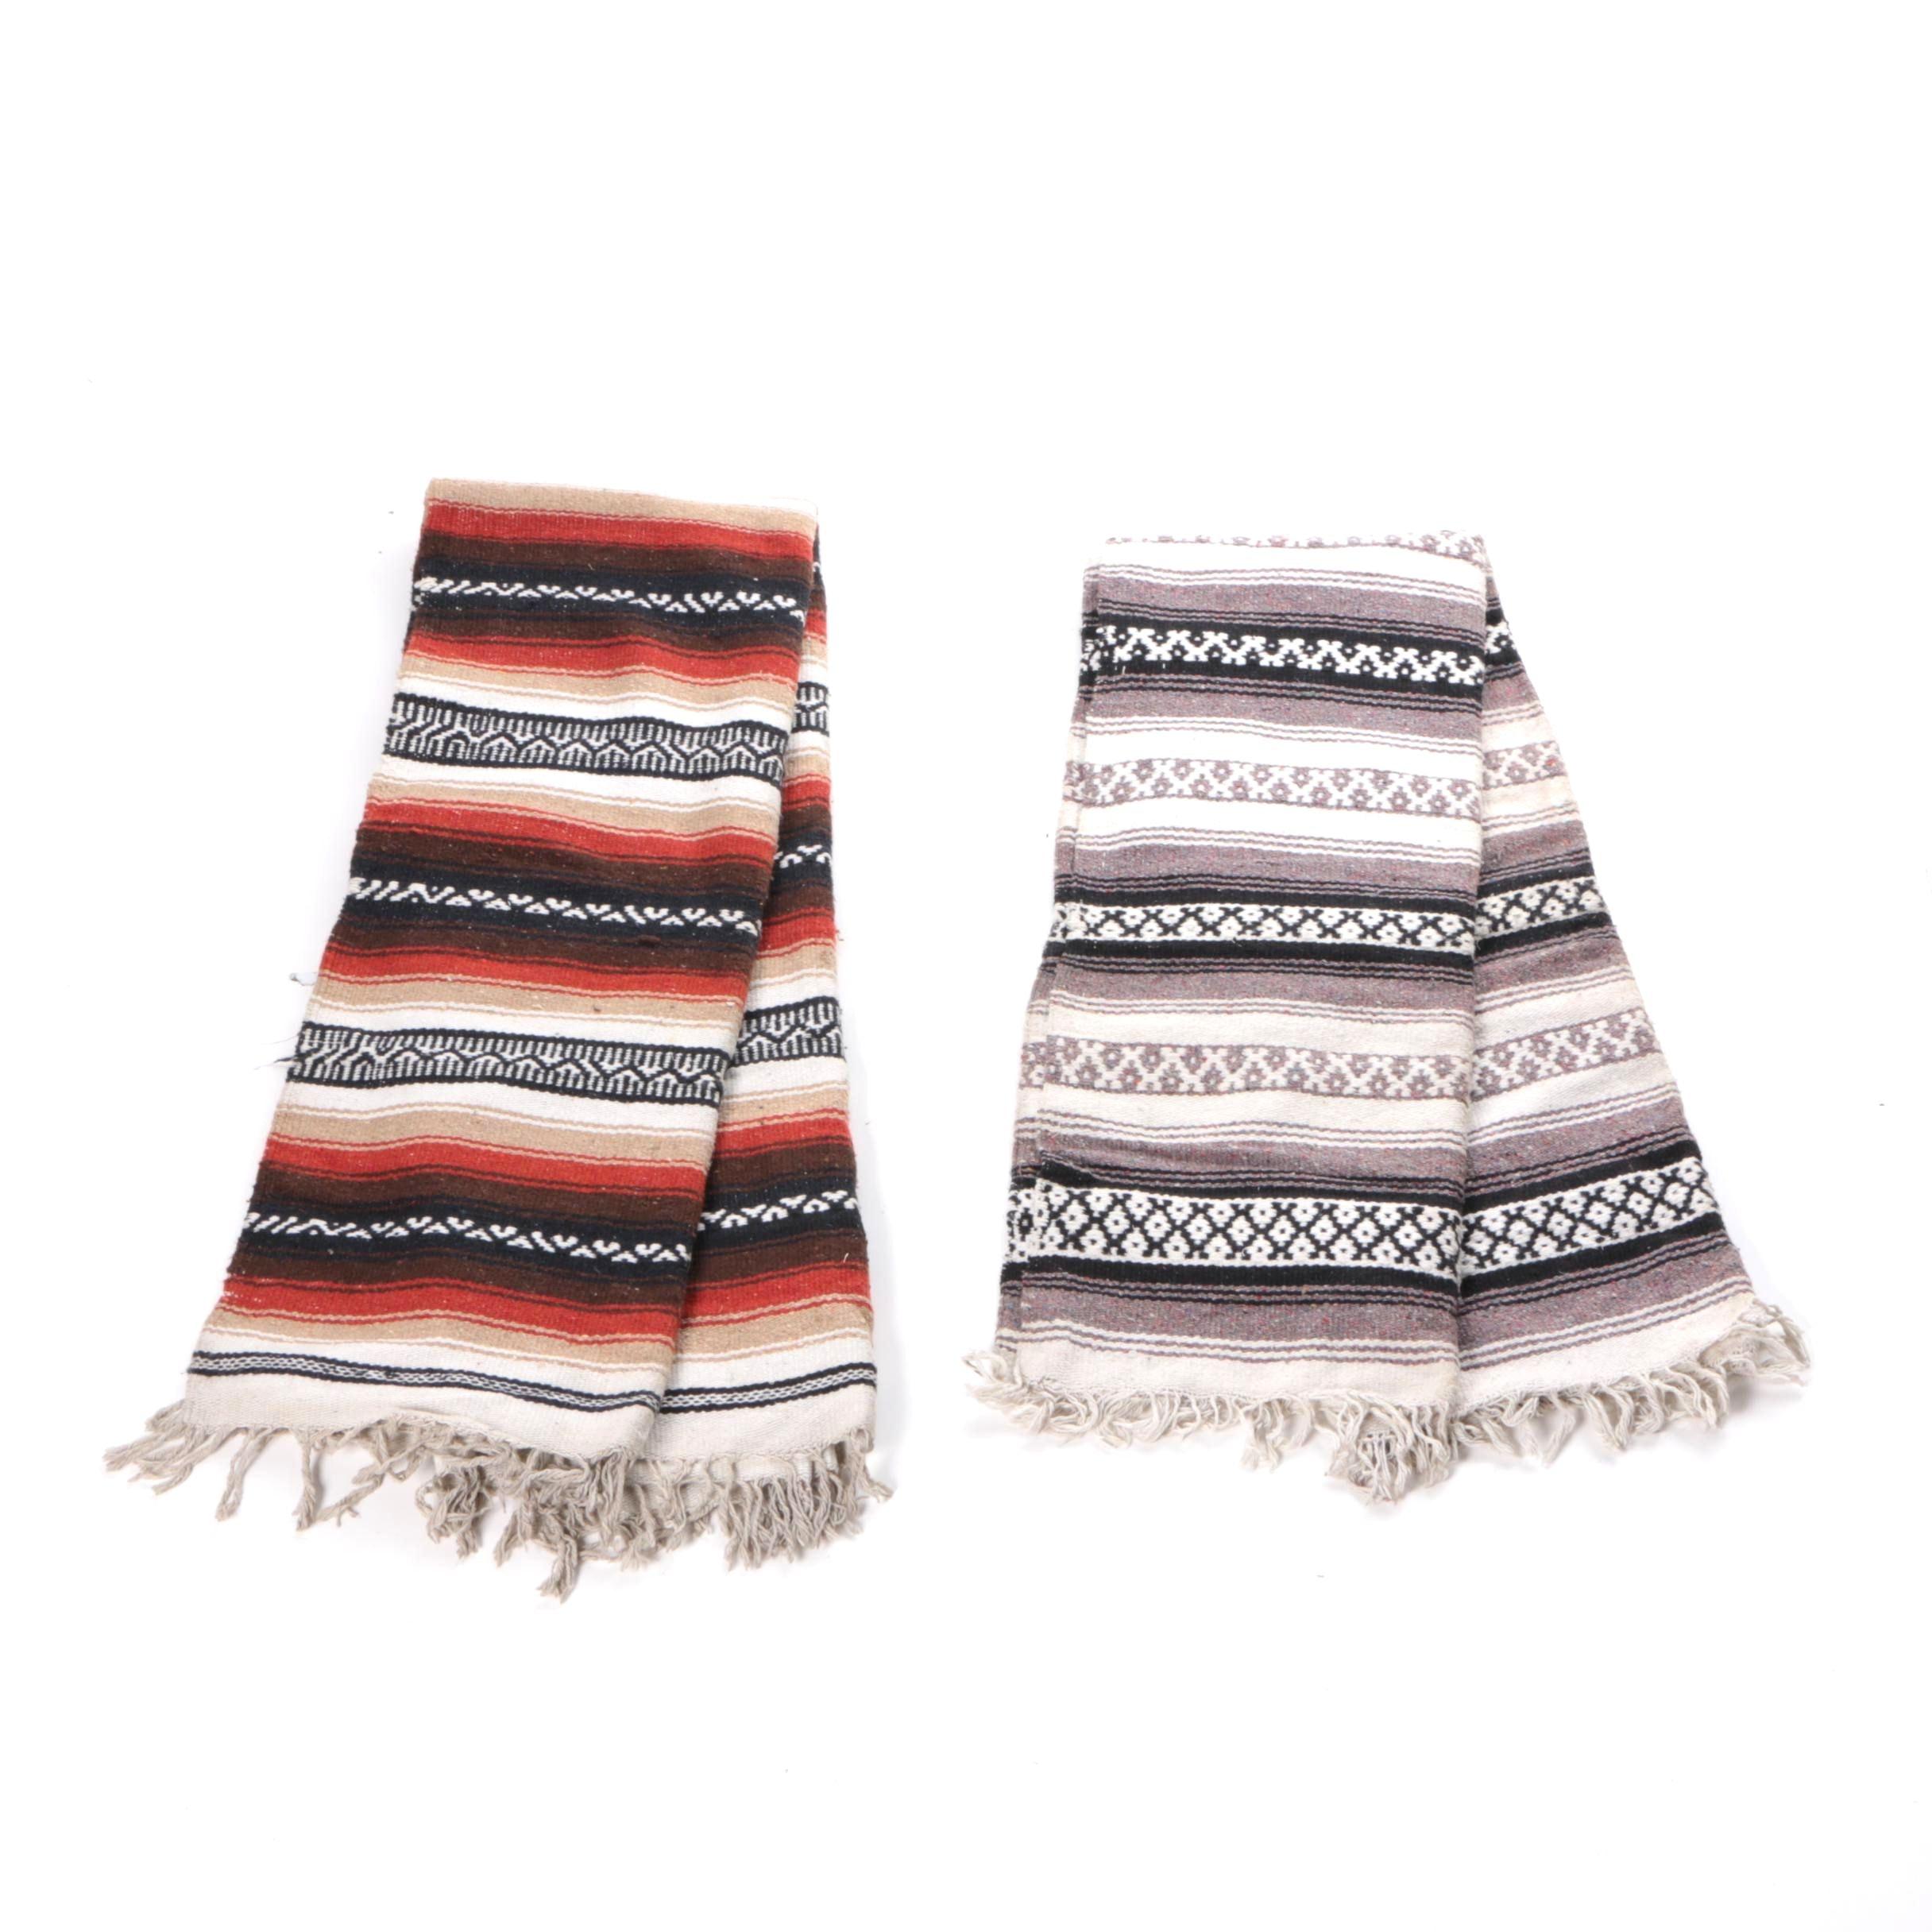 Striped Wool Blankets